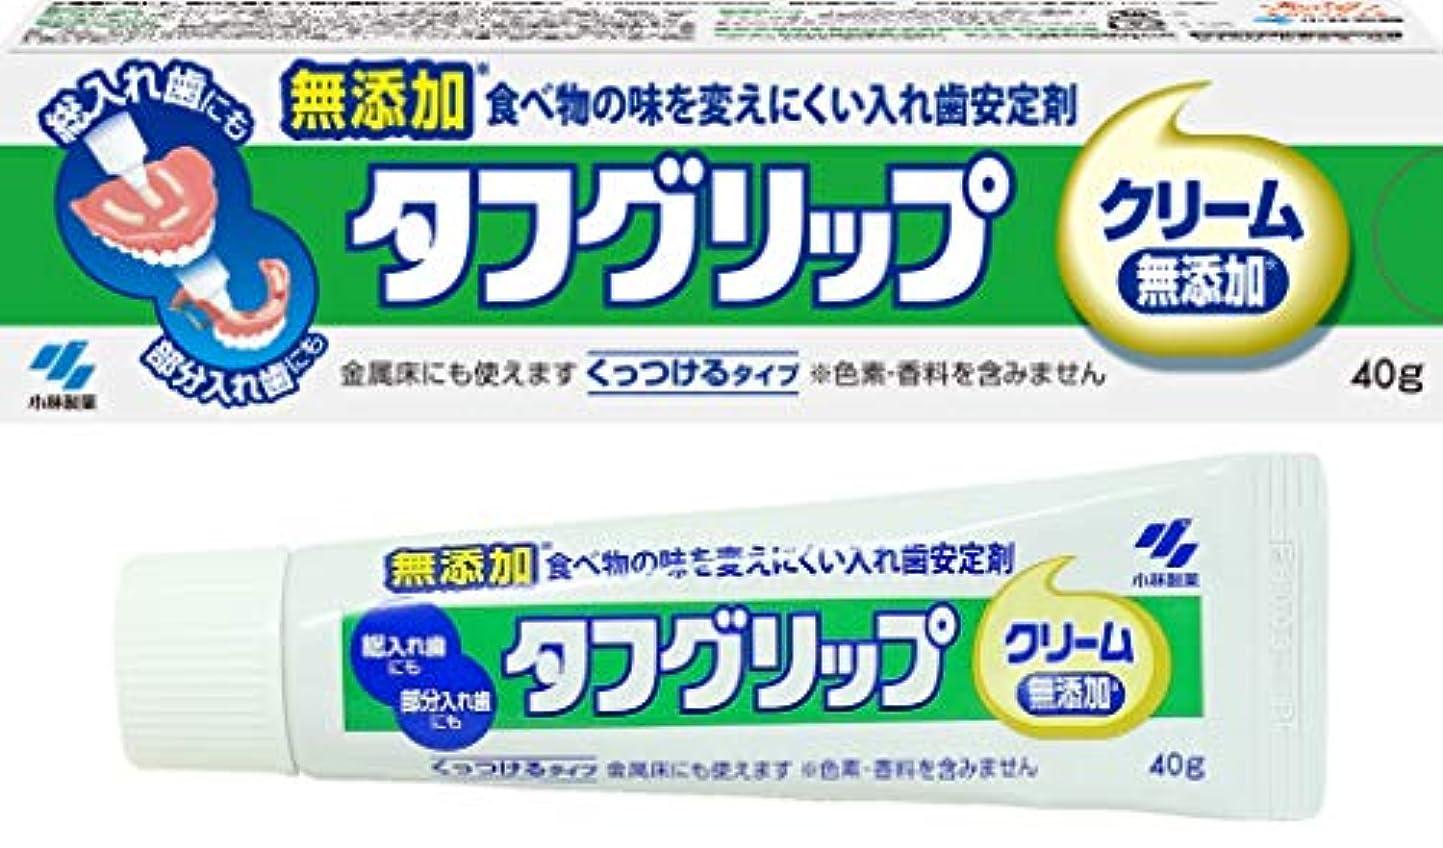 ご覧くださいアレルギーガウンタフグリップクリーム 入れ歯安定剤(総入れ歯?部分入れ歯) 無添加 40g